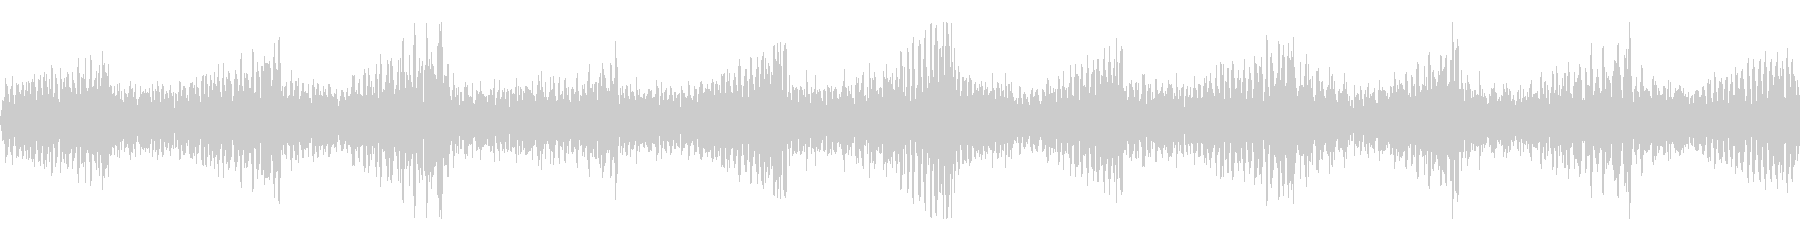 ウィーン(緊急事態発生アラーム音)の未再生の波形